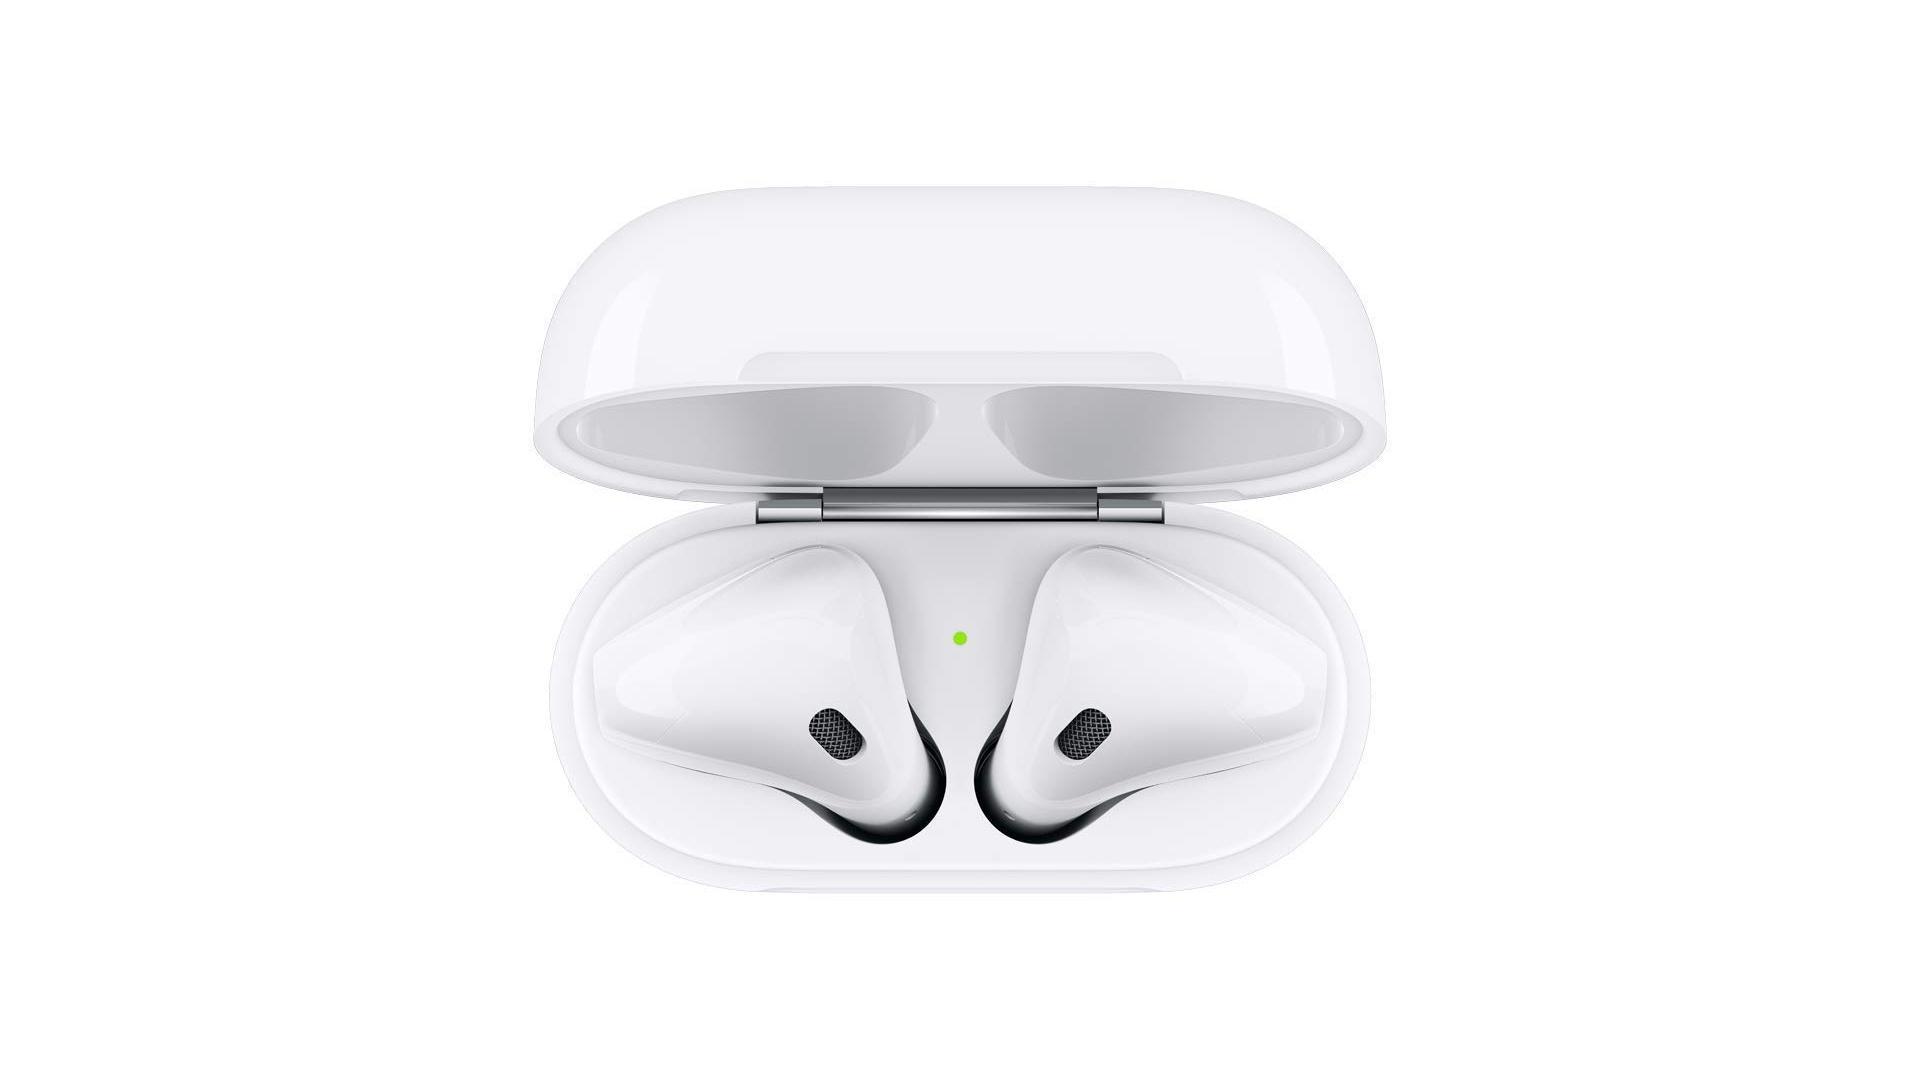 Les Apple AirPods 2 avec étui de chargement sans fil bénéficient d'une baisse de prix chez Amazon